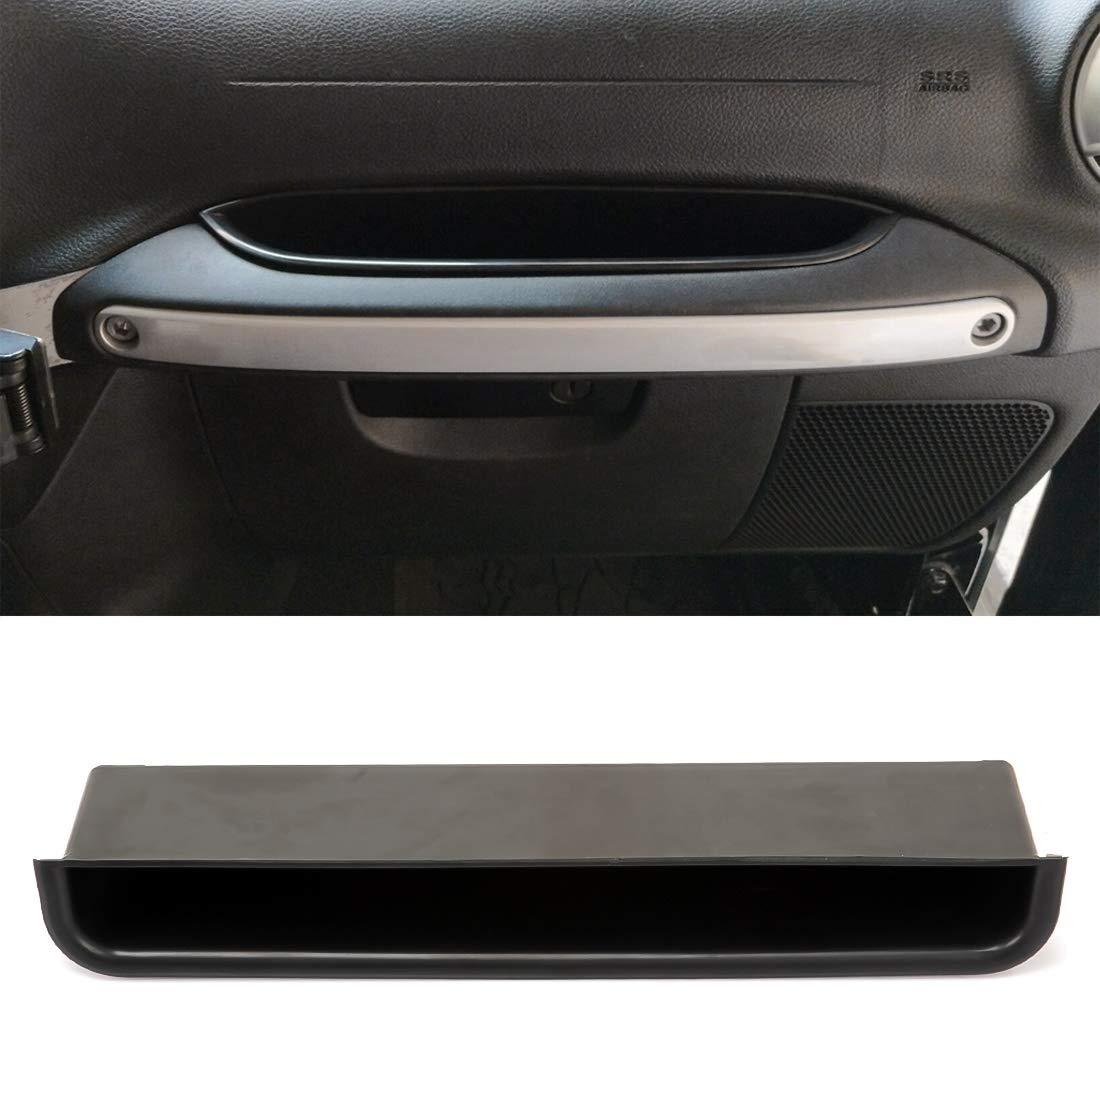 atti Jeep Wrangler JK 2007-2010 Deposito e finitura auto Auto passeggero anteriore Maniglia bagagli Bag Auto Storage Box Multi-usa gli attrezzi Organizzatore Scatole